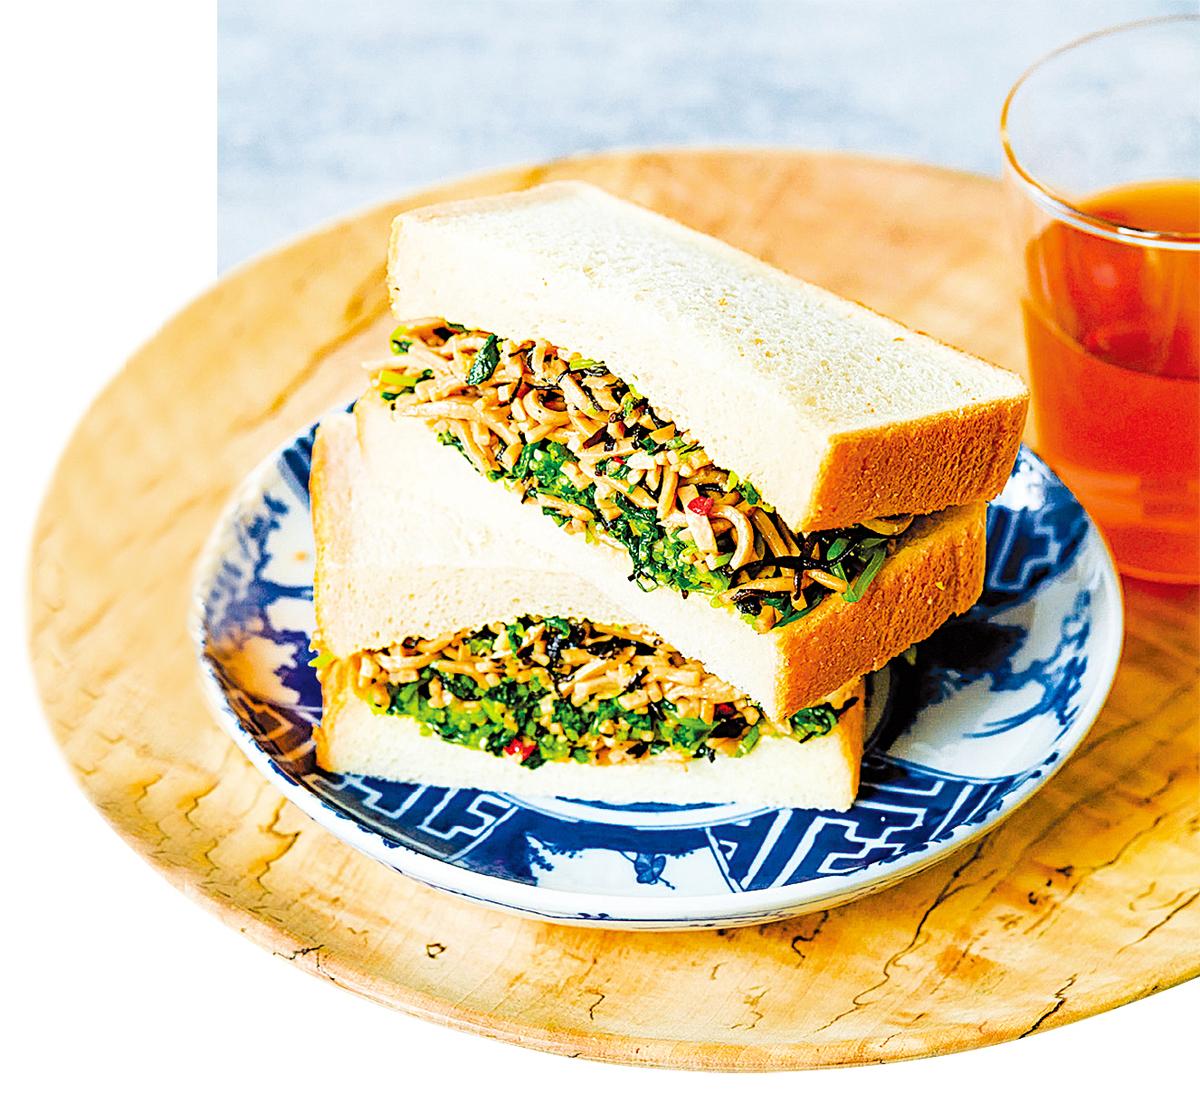 羊棲菜豆苗日式炒麵三文治,健康又美味!。